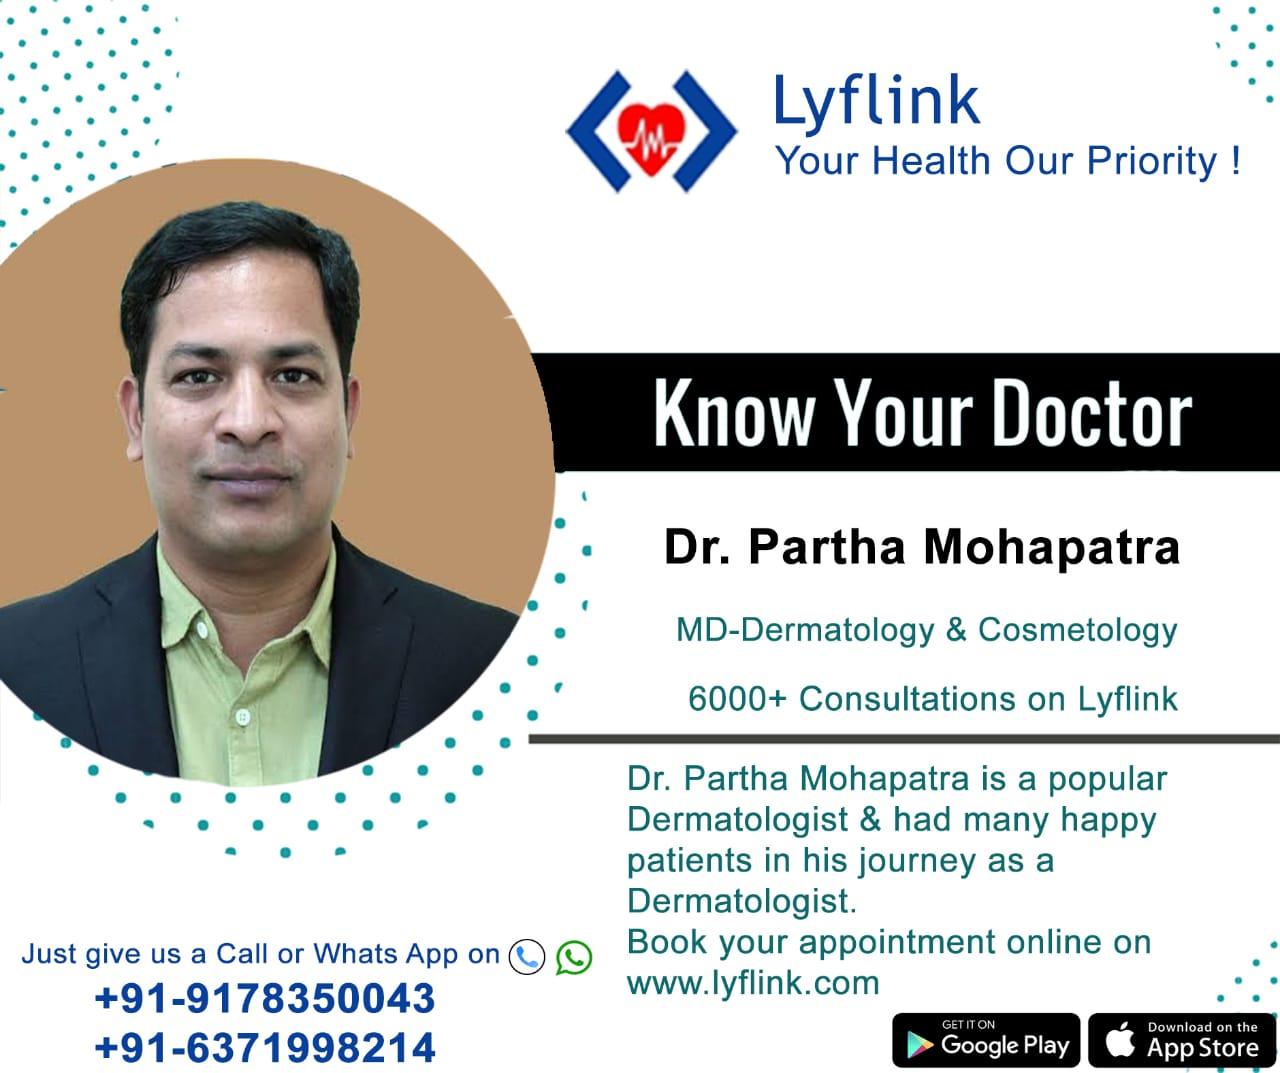 Dr. Partha Mohapatra